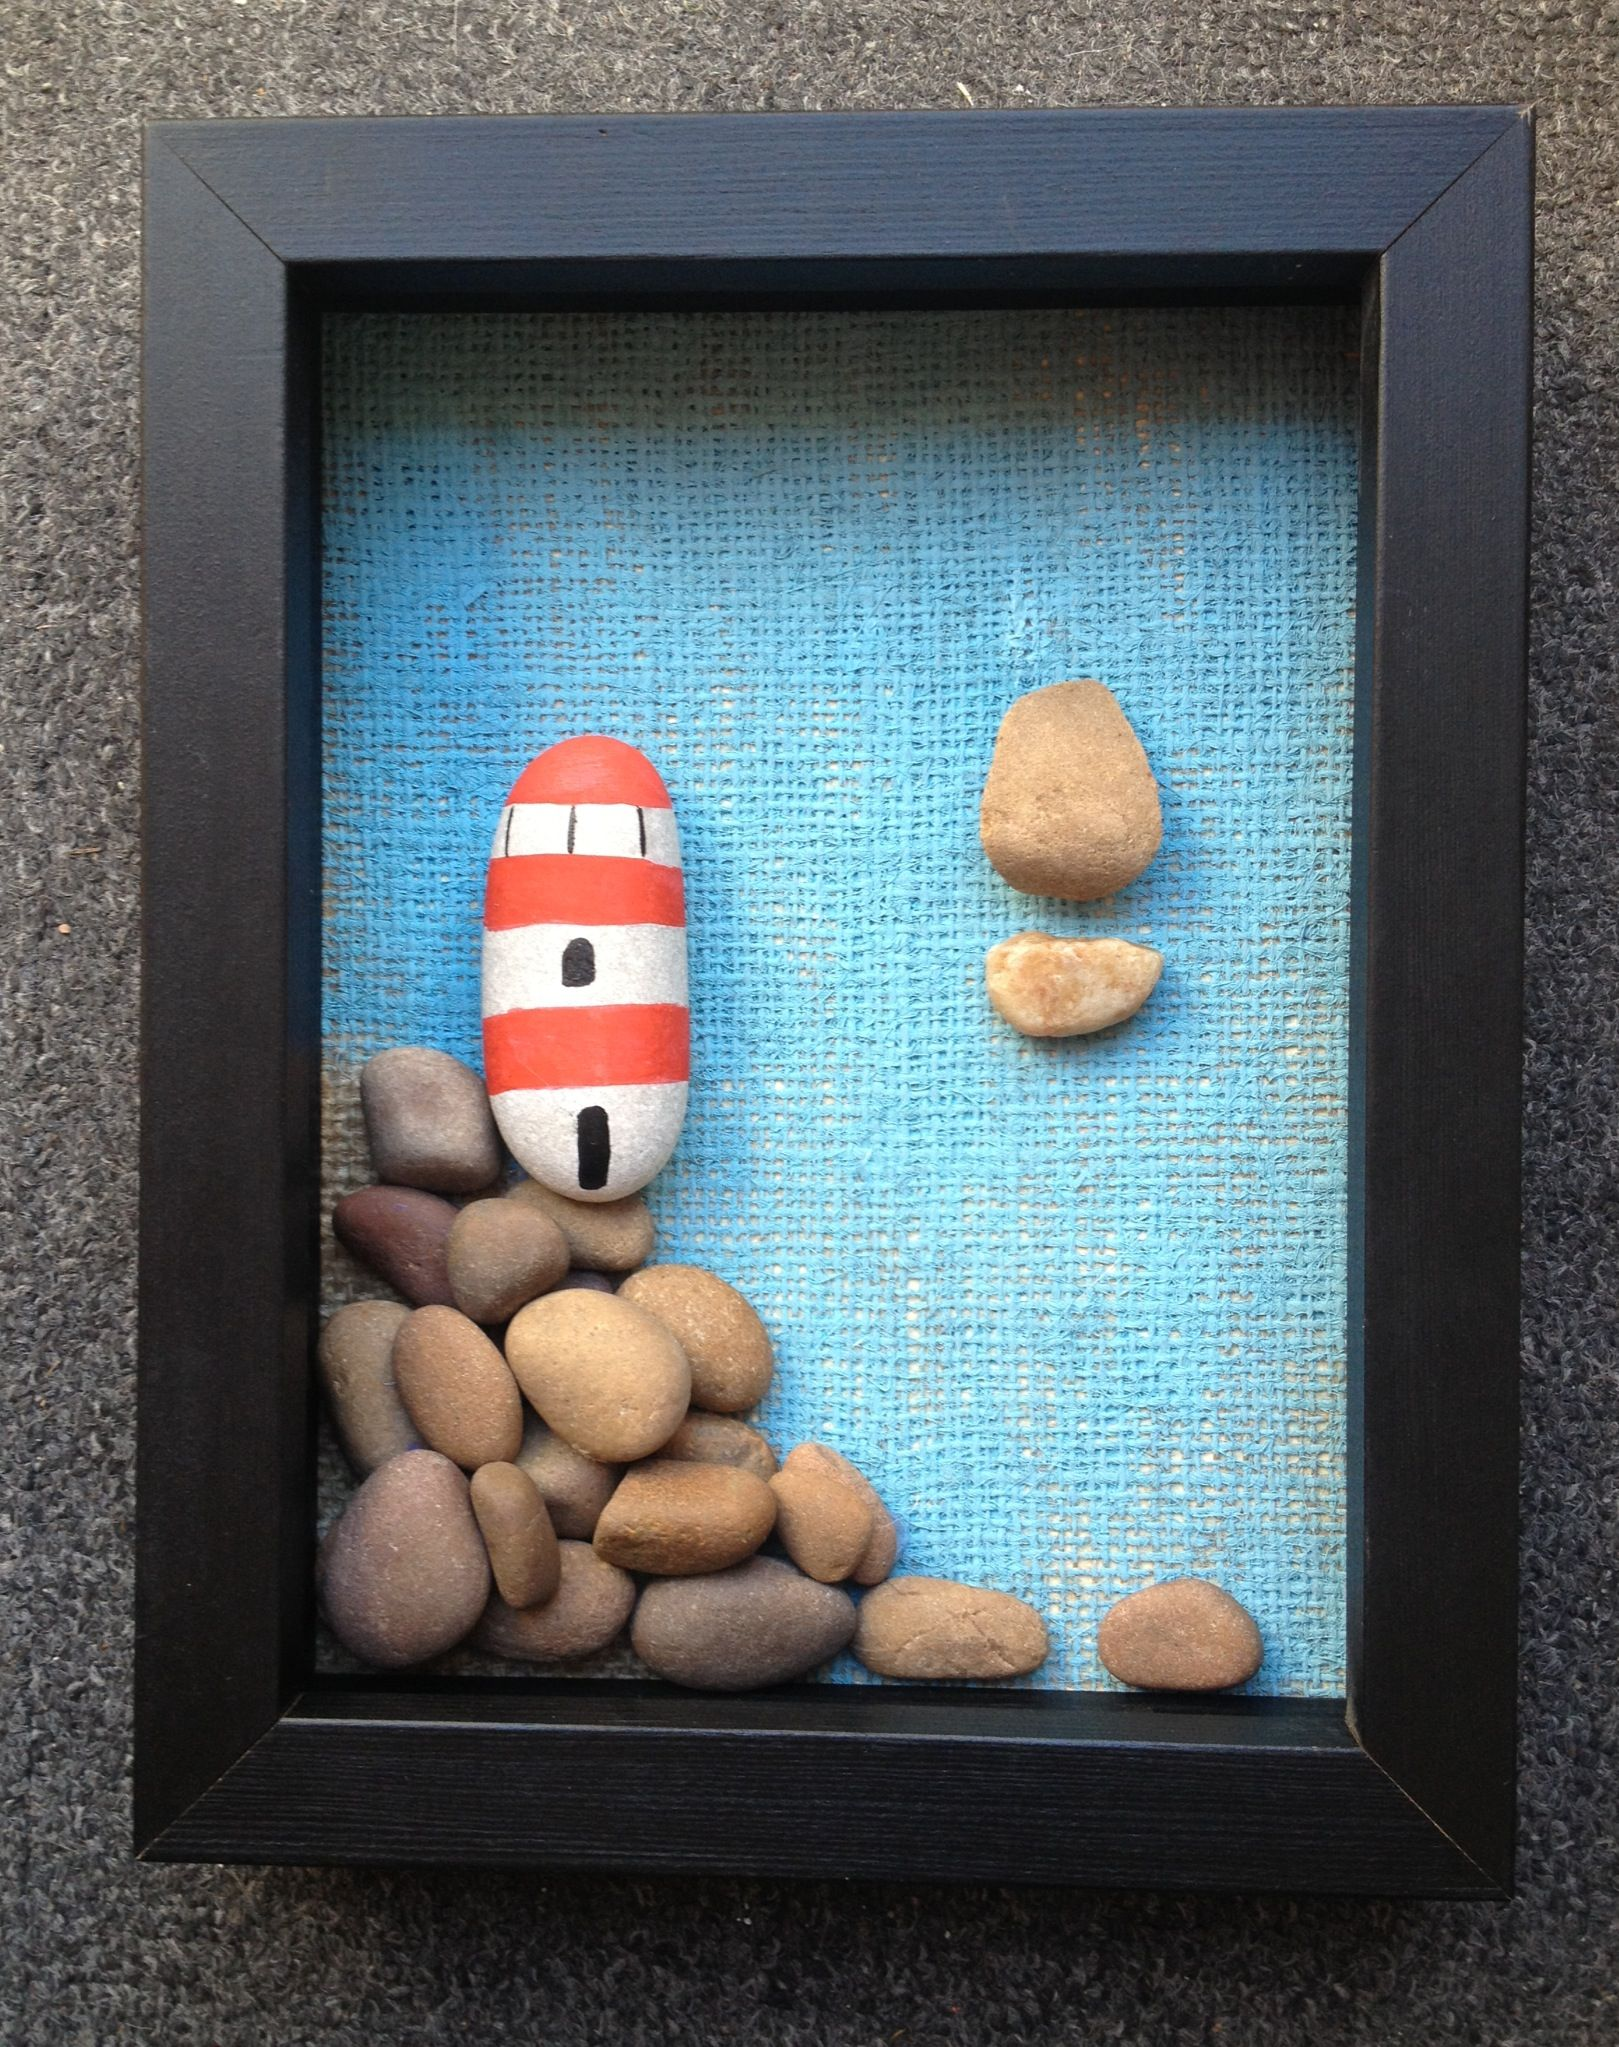 снимок находится картинки из камушков своими что влюбленные планировали